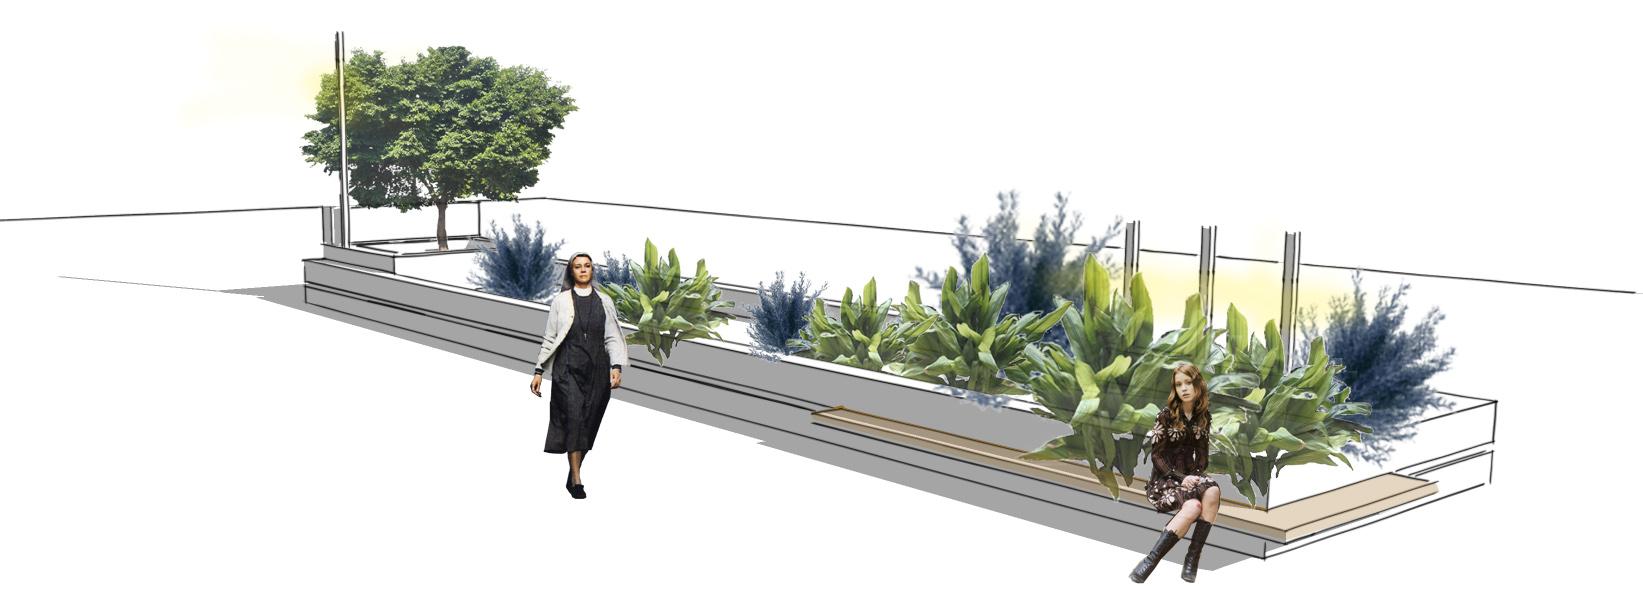 Mobiliario urbano diseño banco